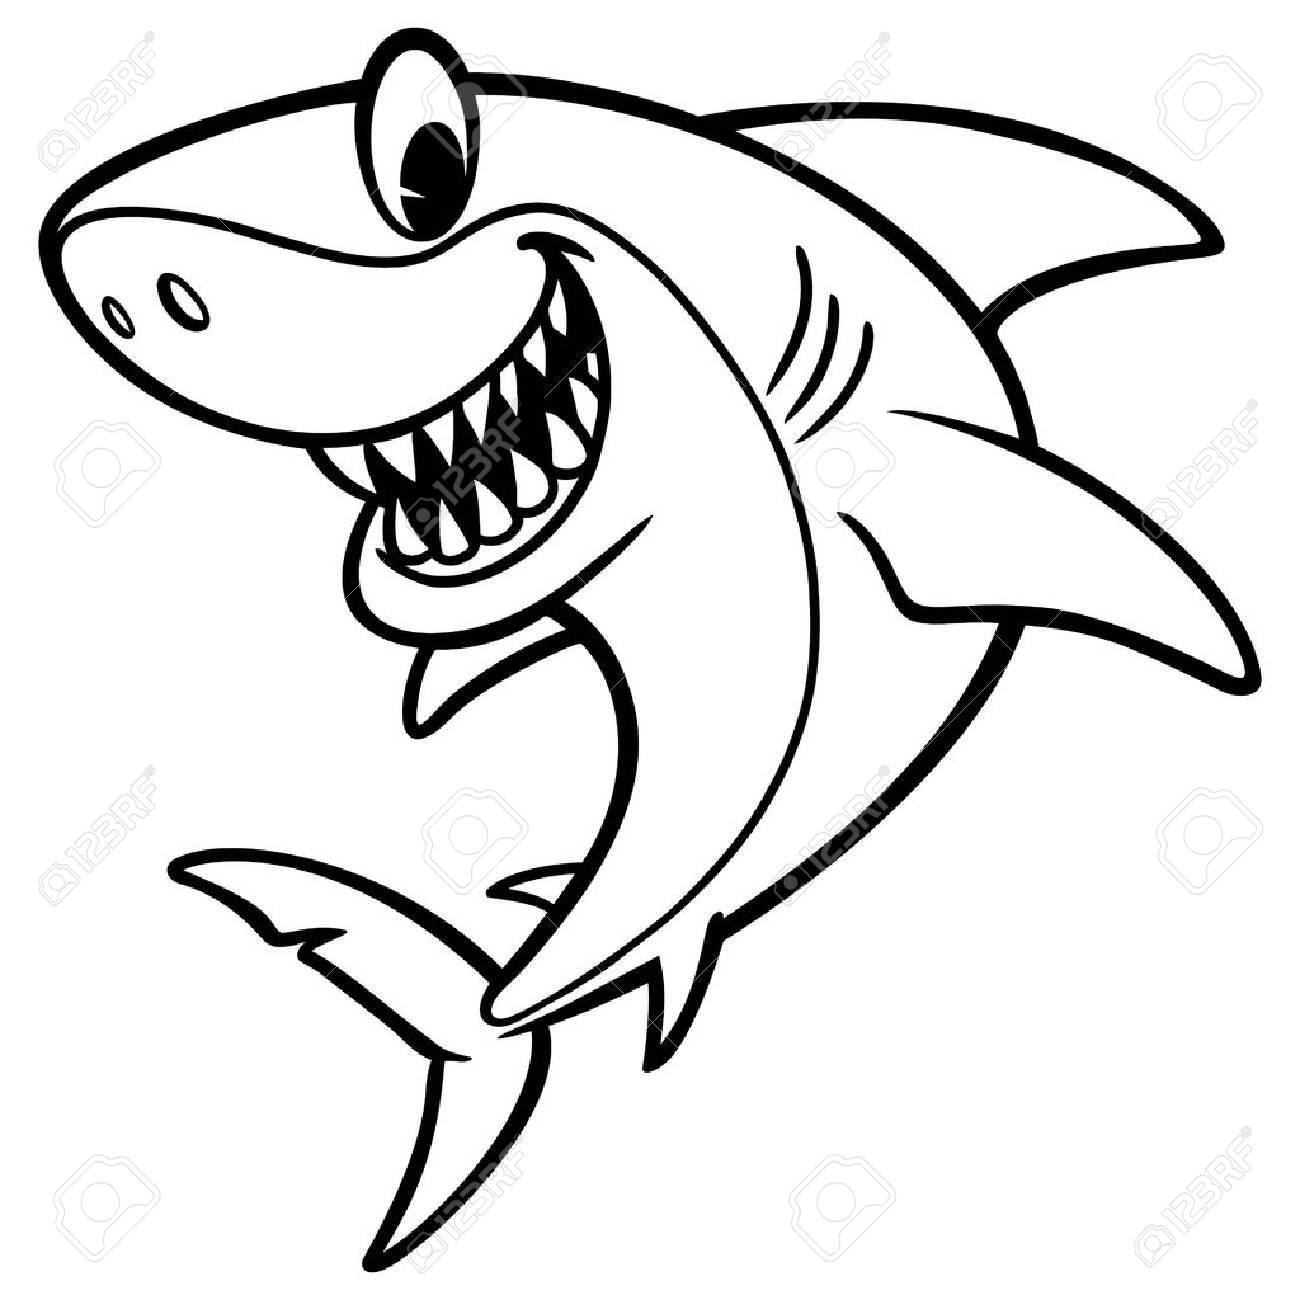 Dibujo De Dibujos Animados De Tiburón Ilustraciones Vectoriales ...